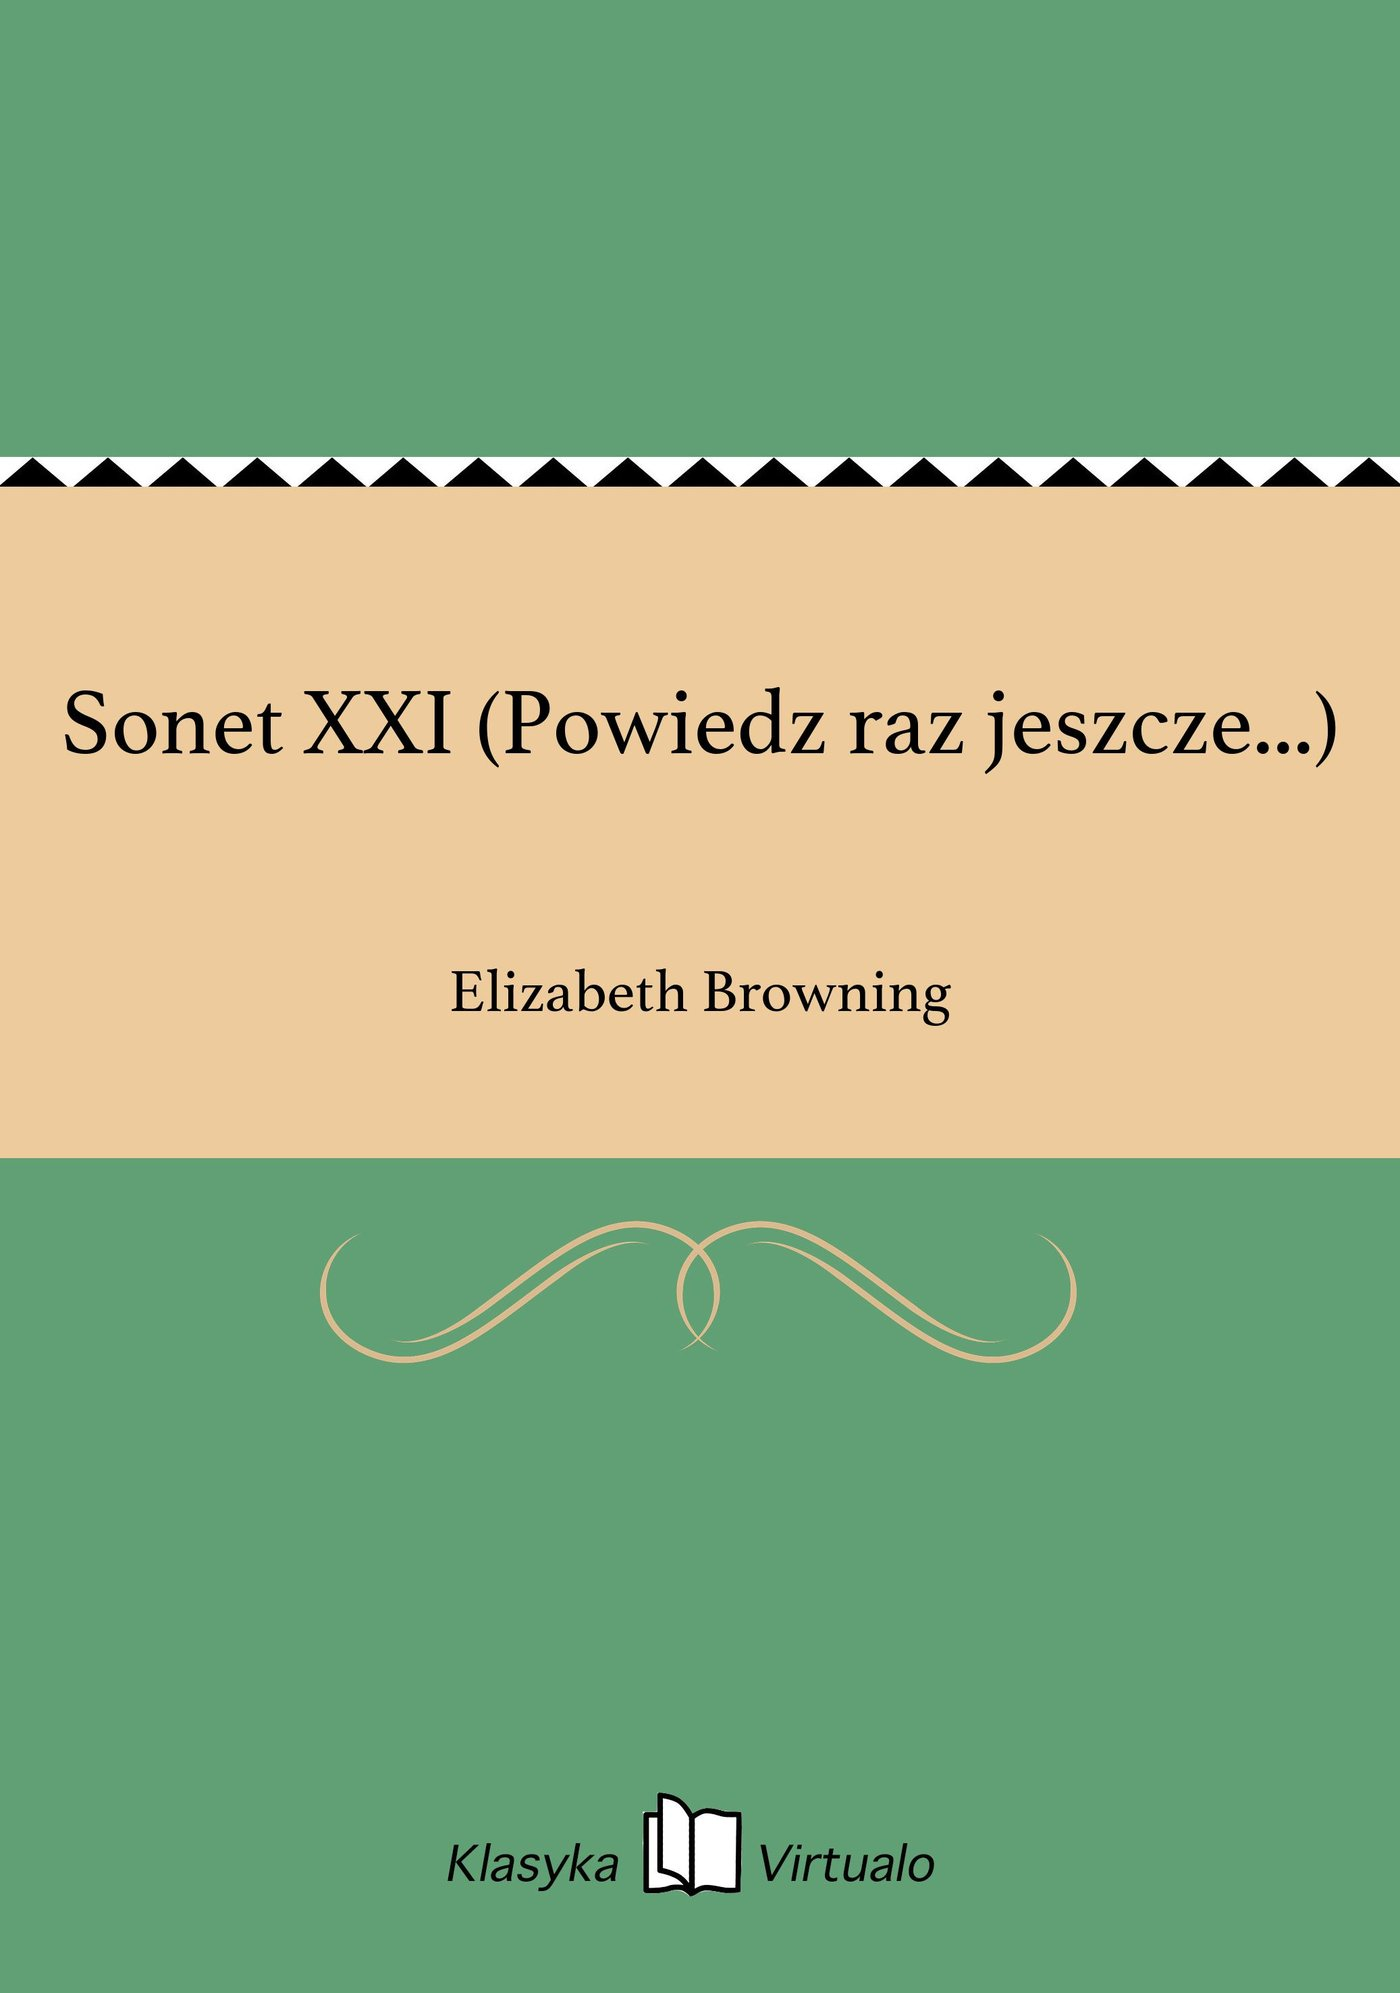 Sonet XXI (Powiedz raz jeszcze...) - Ebook (Książka EPUB) do pobrania w formacie EPUB